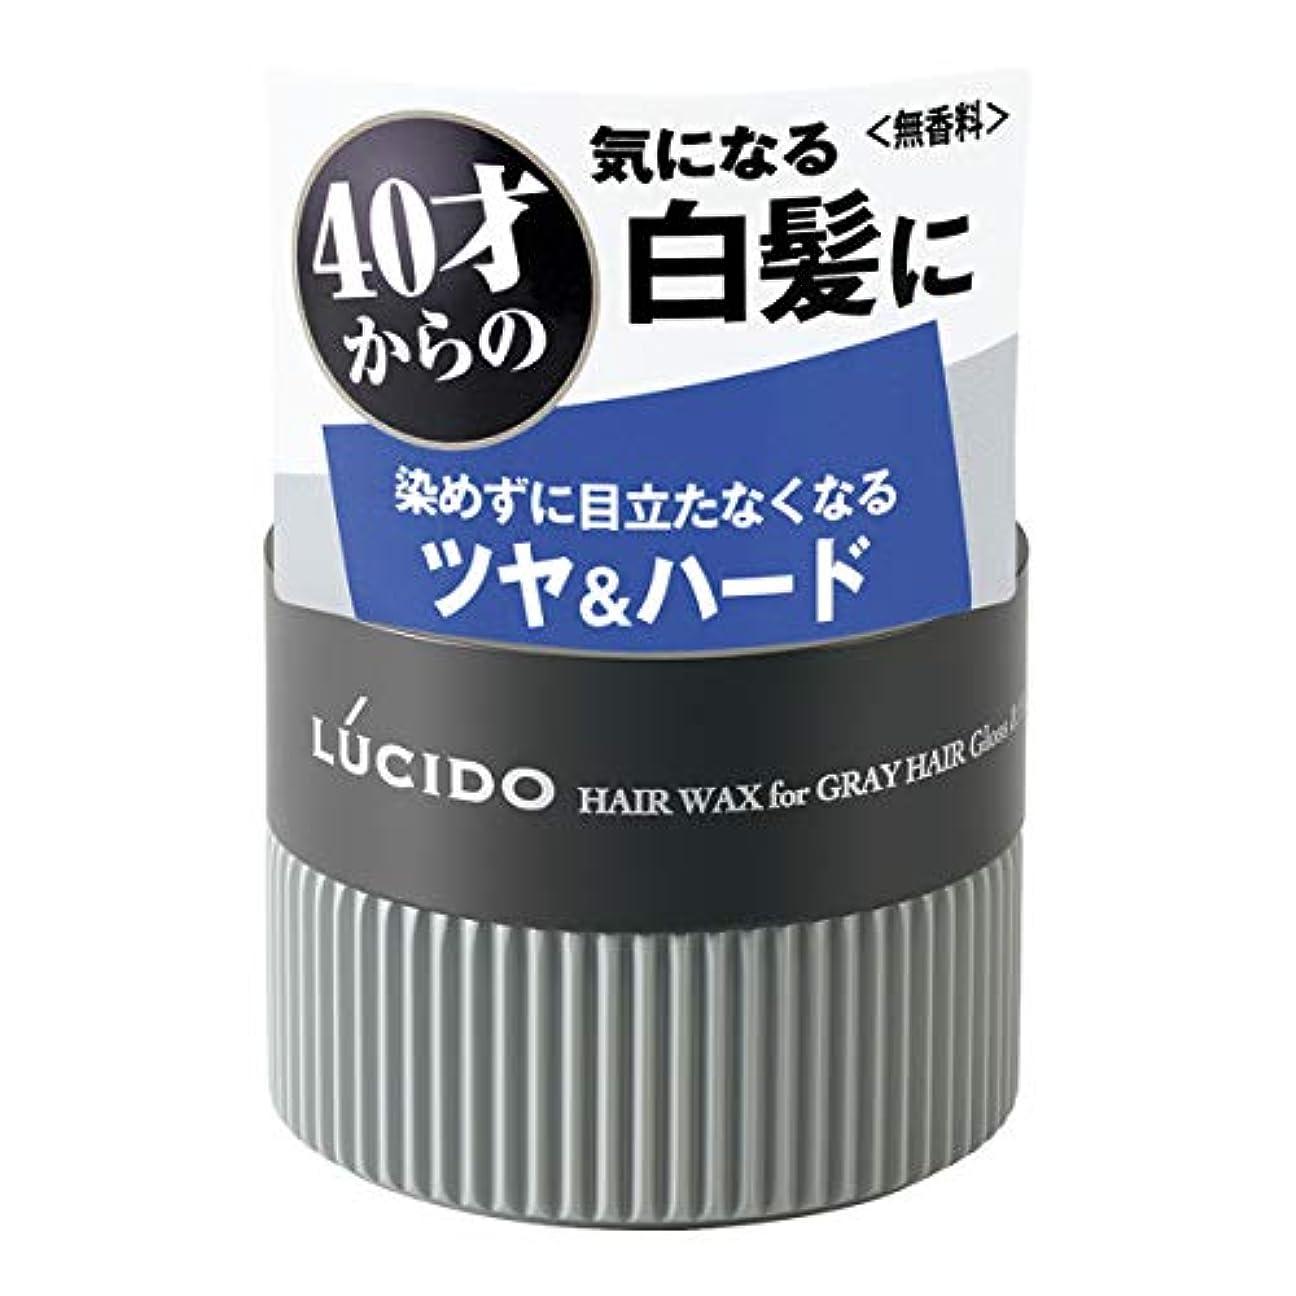 発掘する殺します風LUCIDO(ルシード) ヘアワックス 白髪用ワックス グロス&ハード 80g